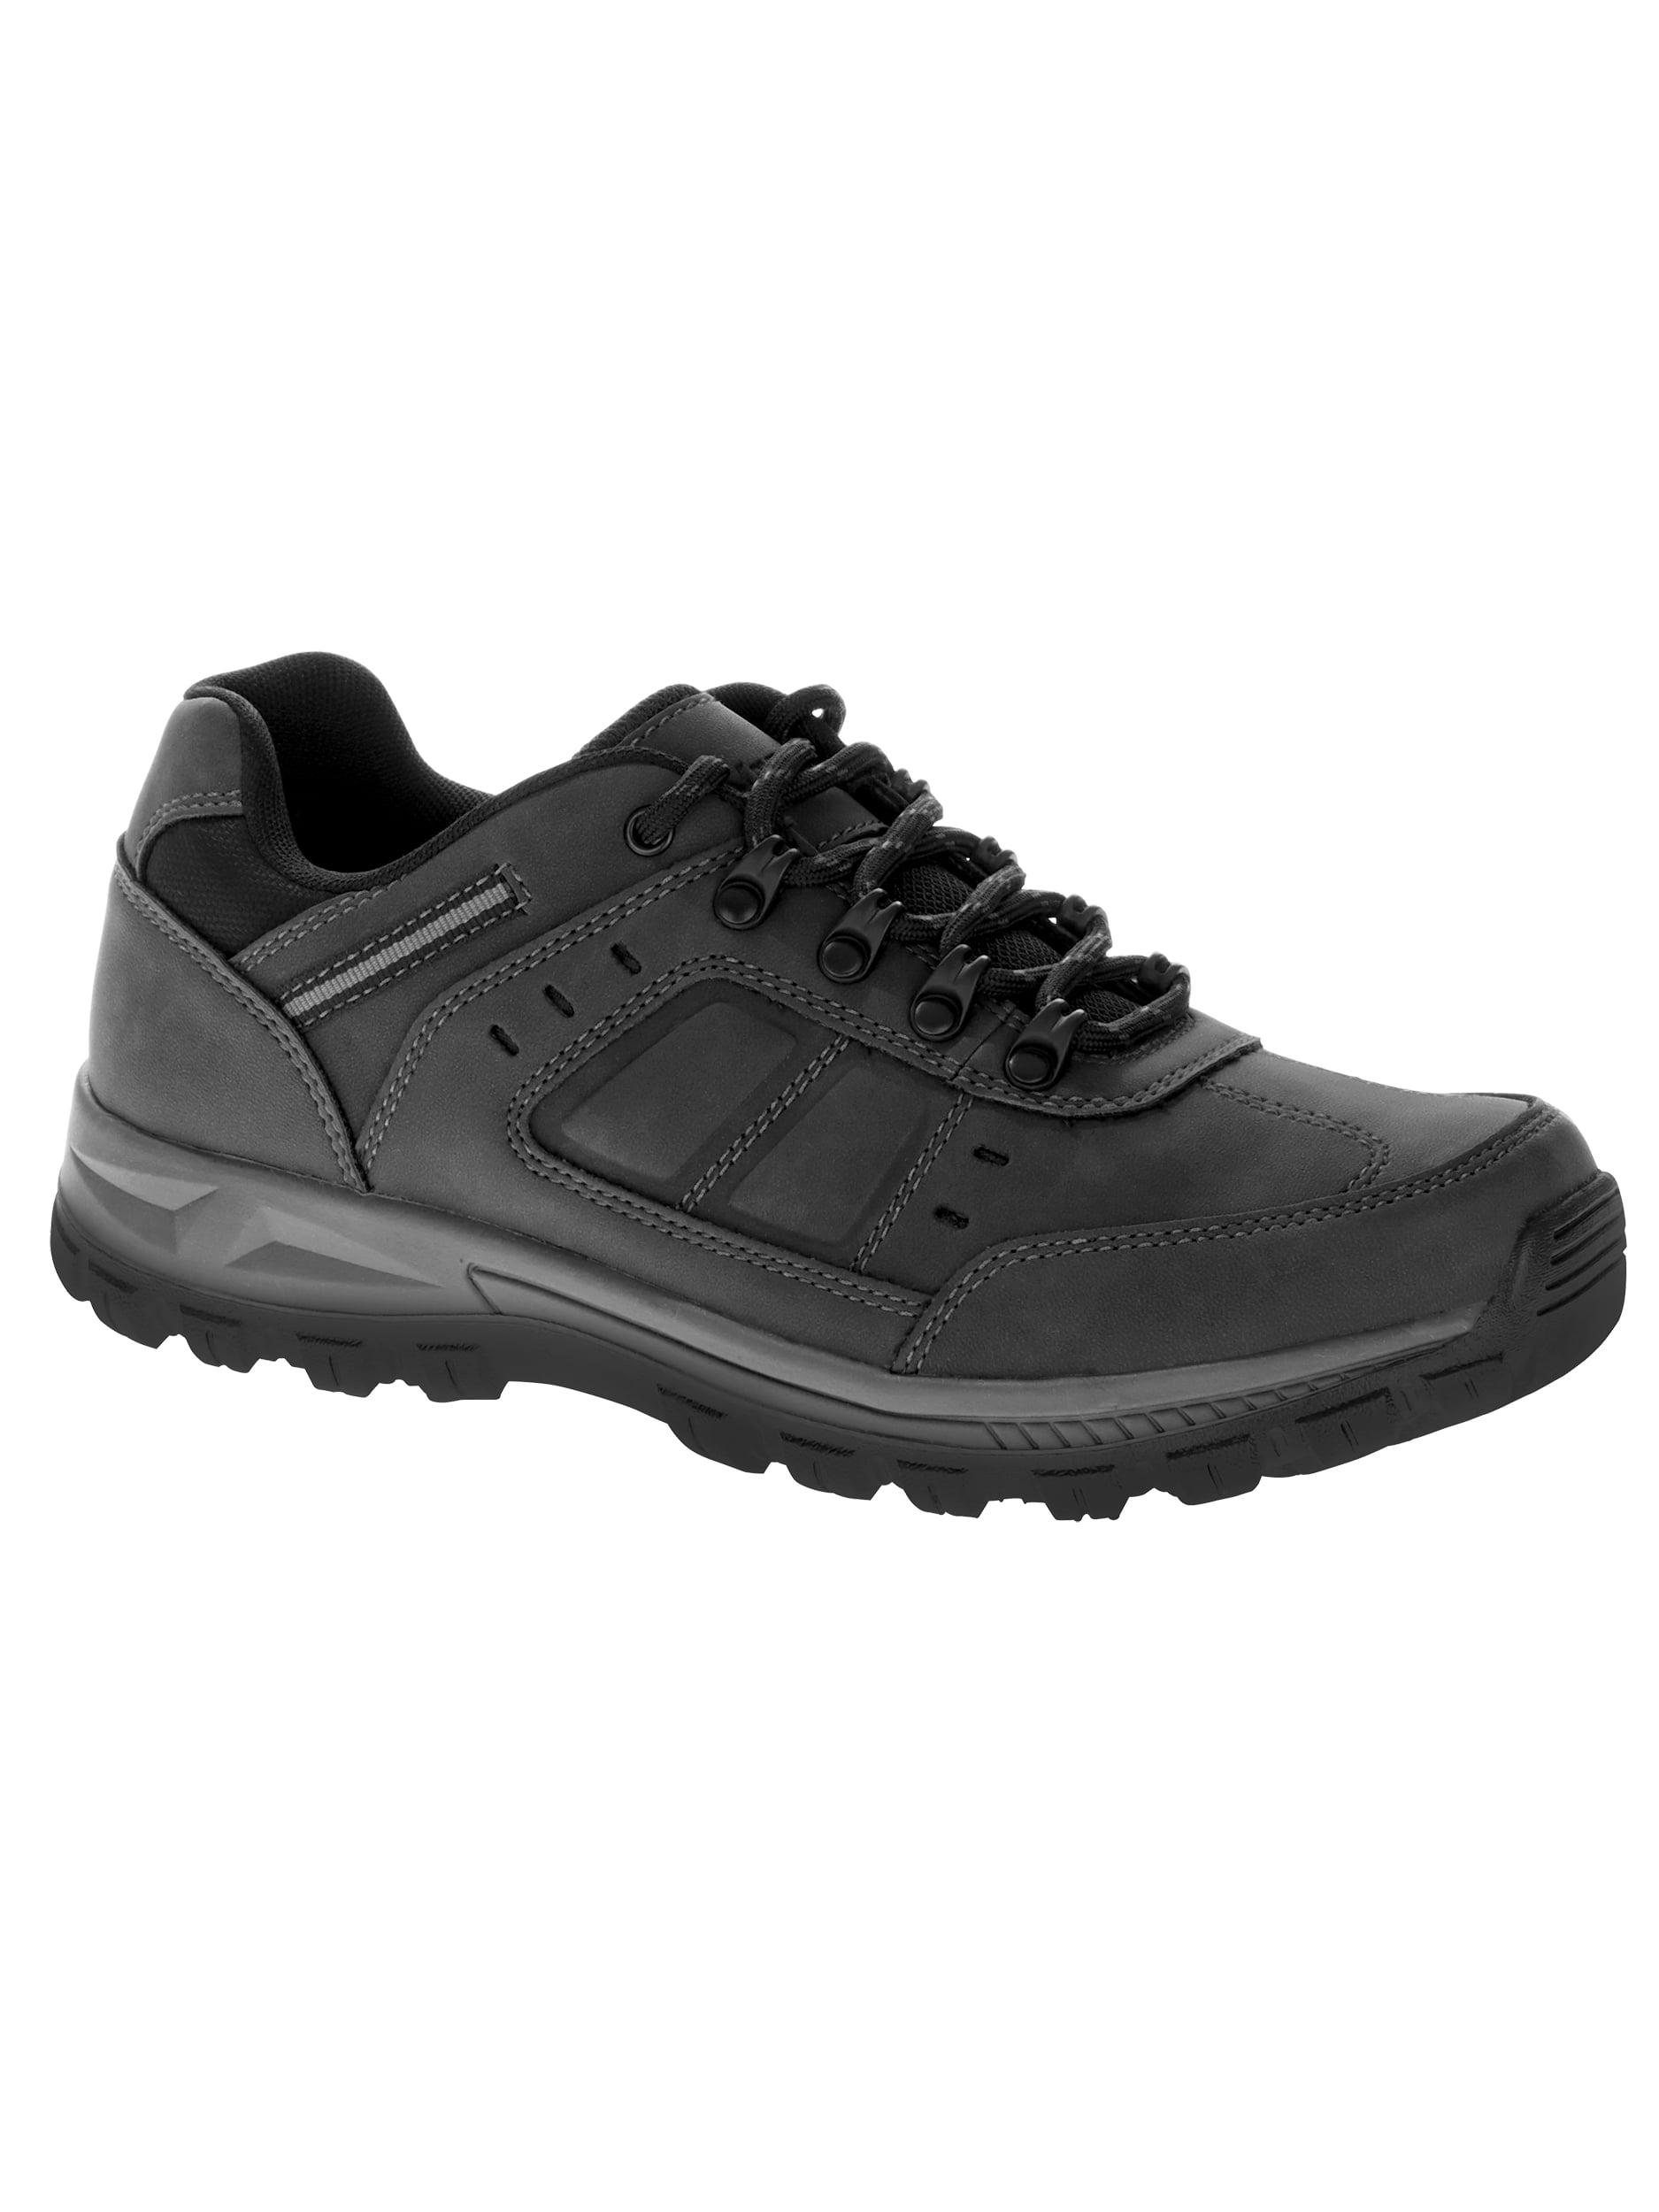 Wrangler Men's Rugged Oxford Shoe